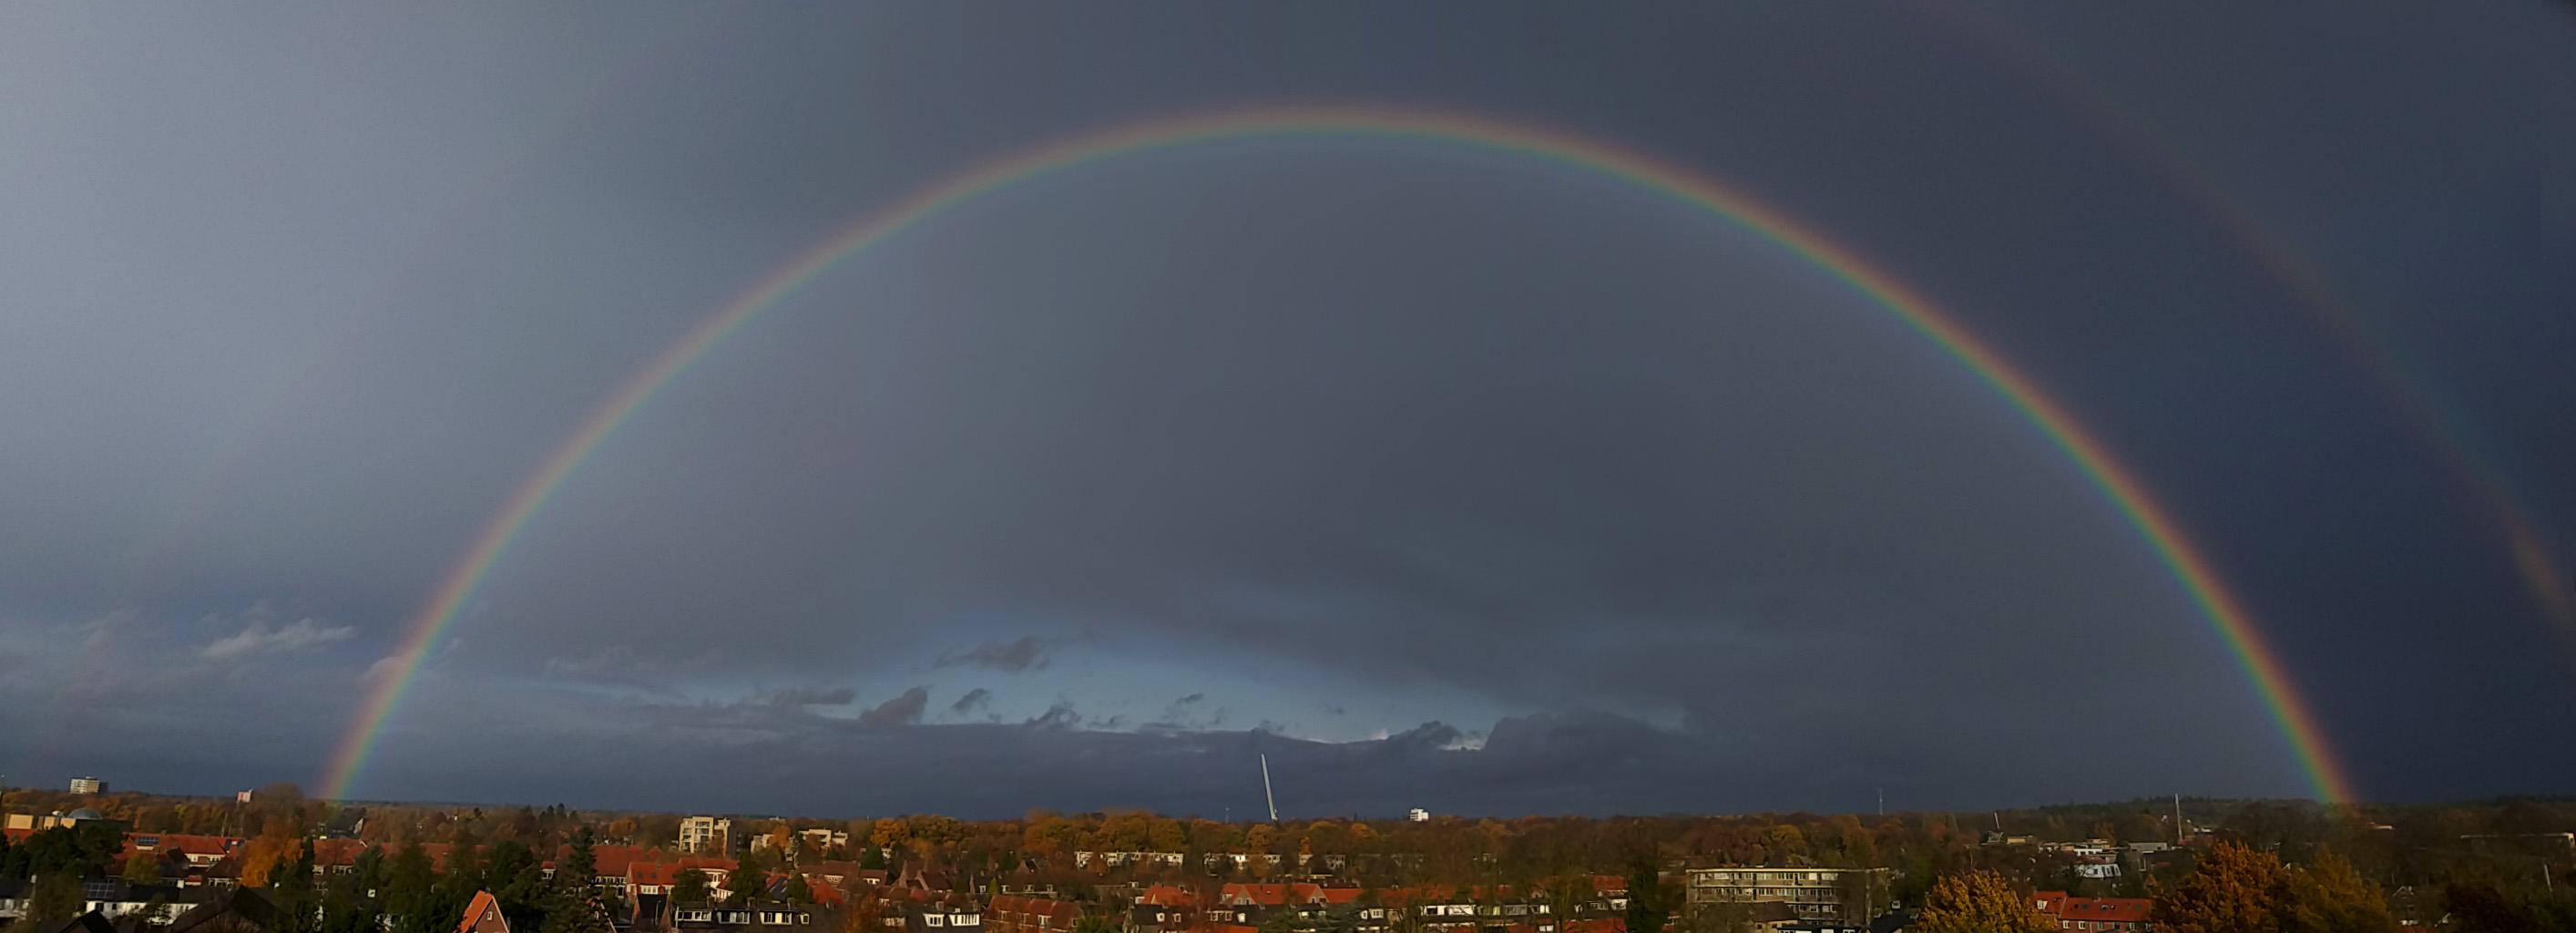 De dubbele regenboog in zijn geheel boven Ede - Foto: ©Fransien Verwoert